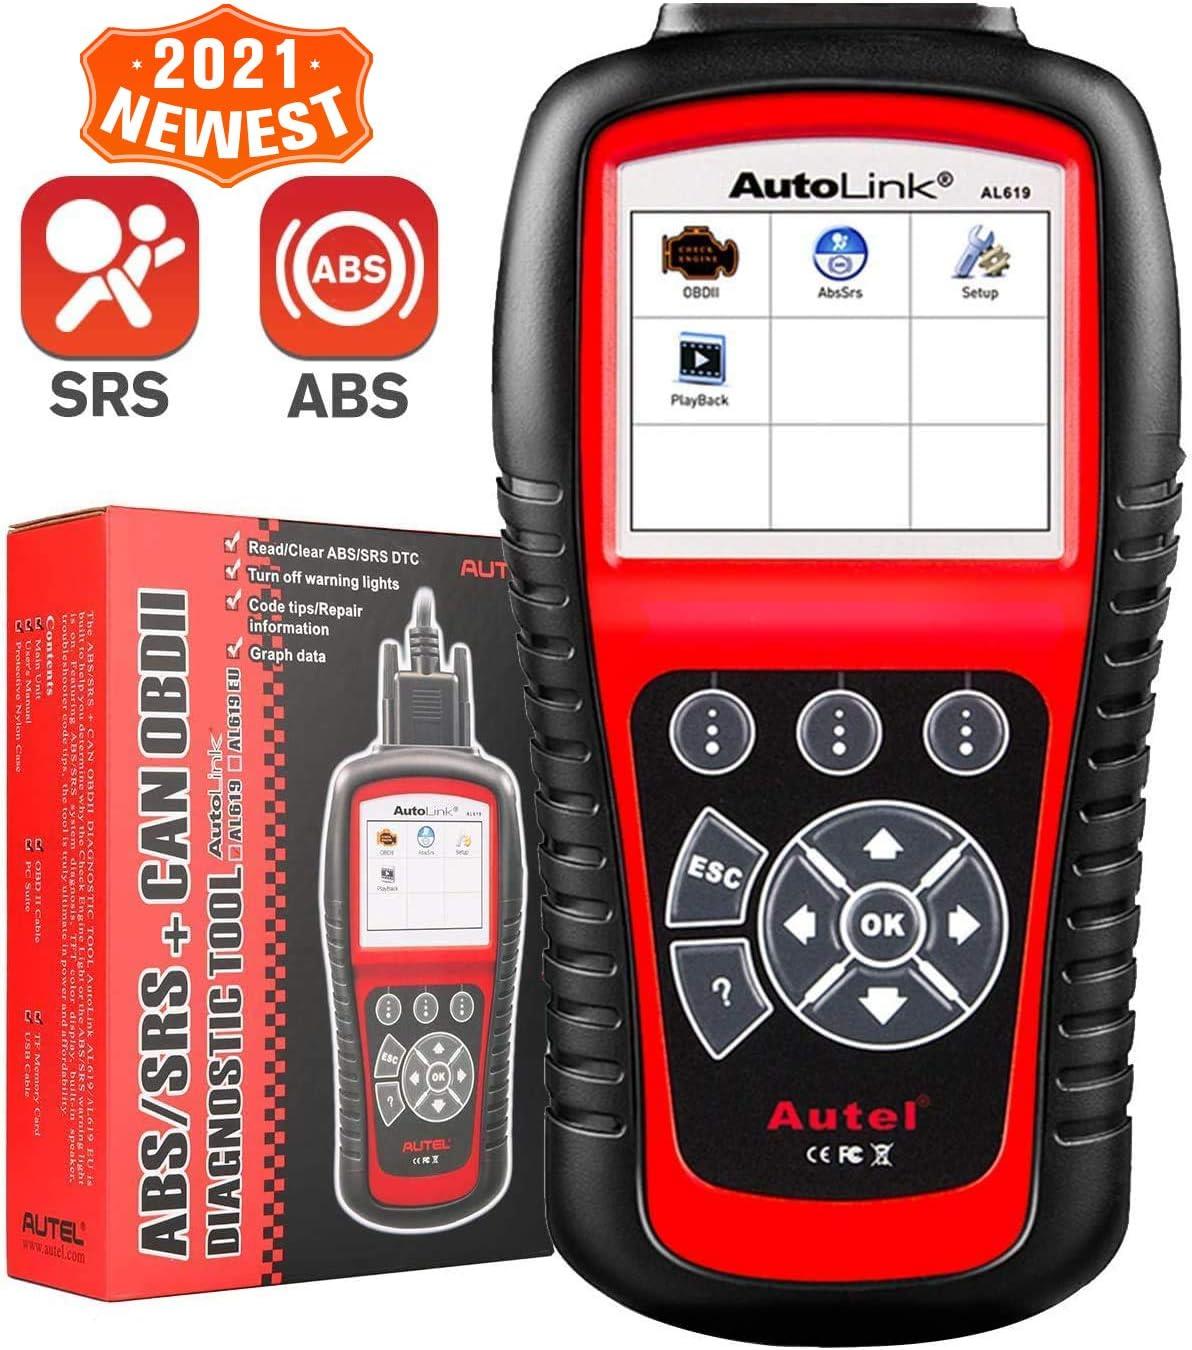 Autel Autolink AL619 ABS SRS Auto OBD2 Scanner Car Code Reader Automotive Diagnostic Tool